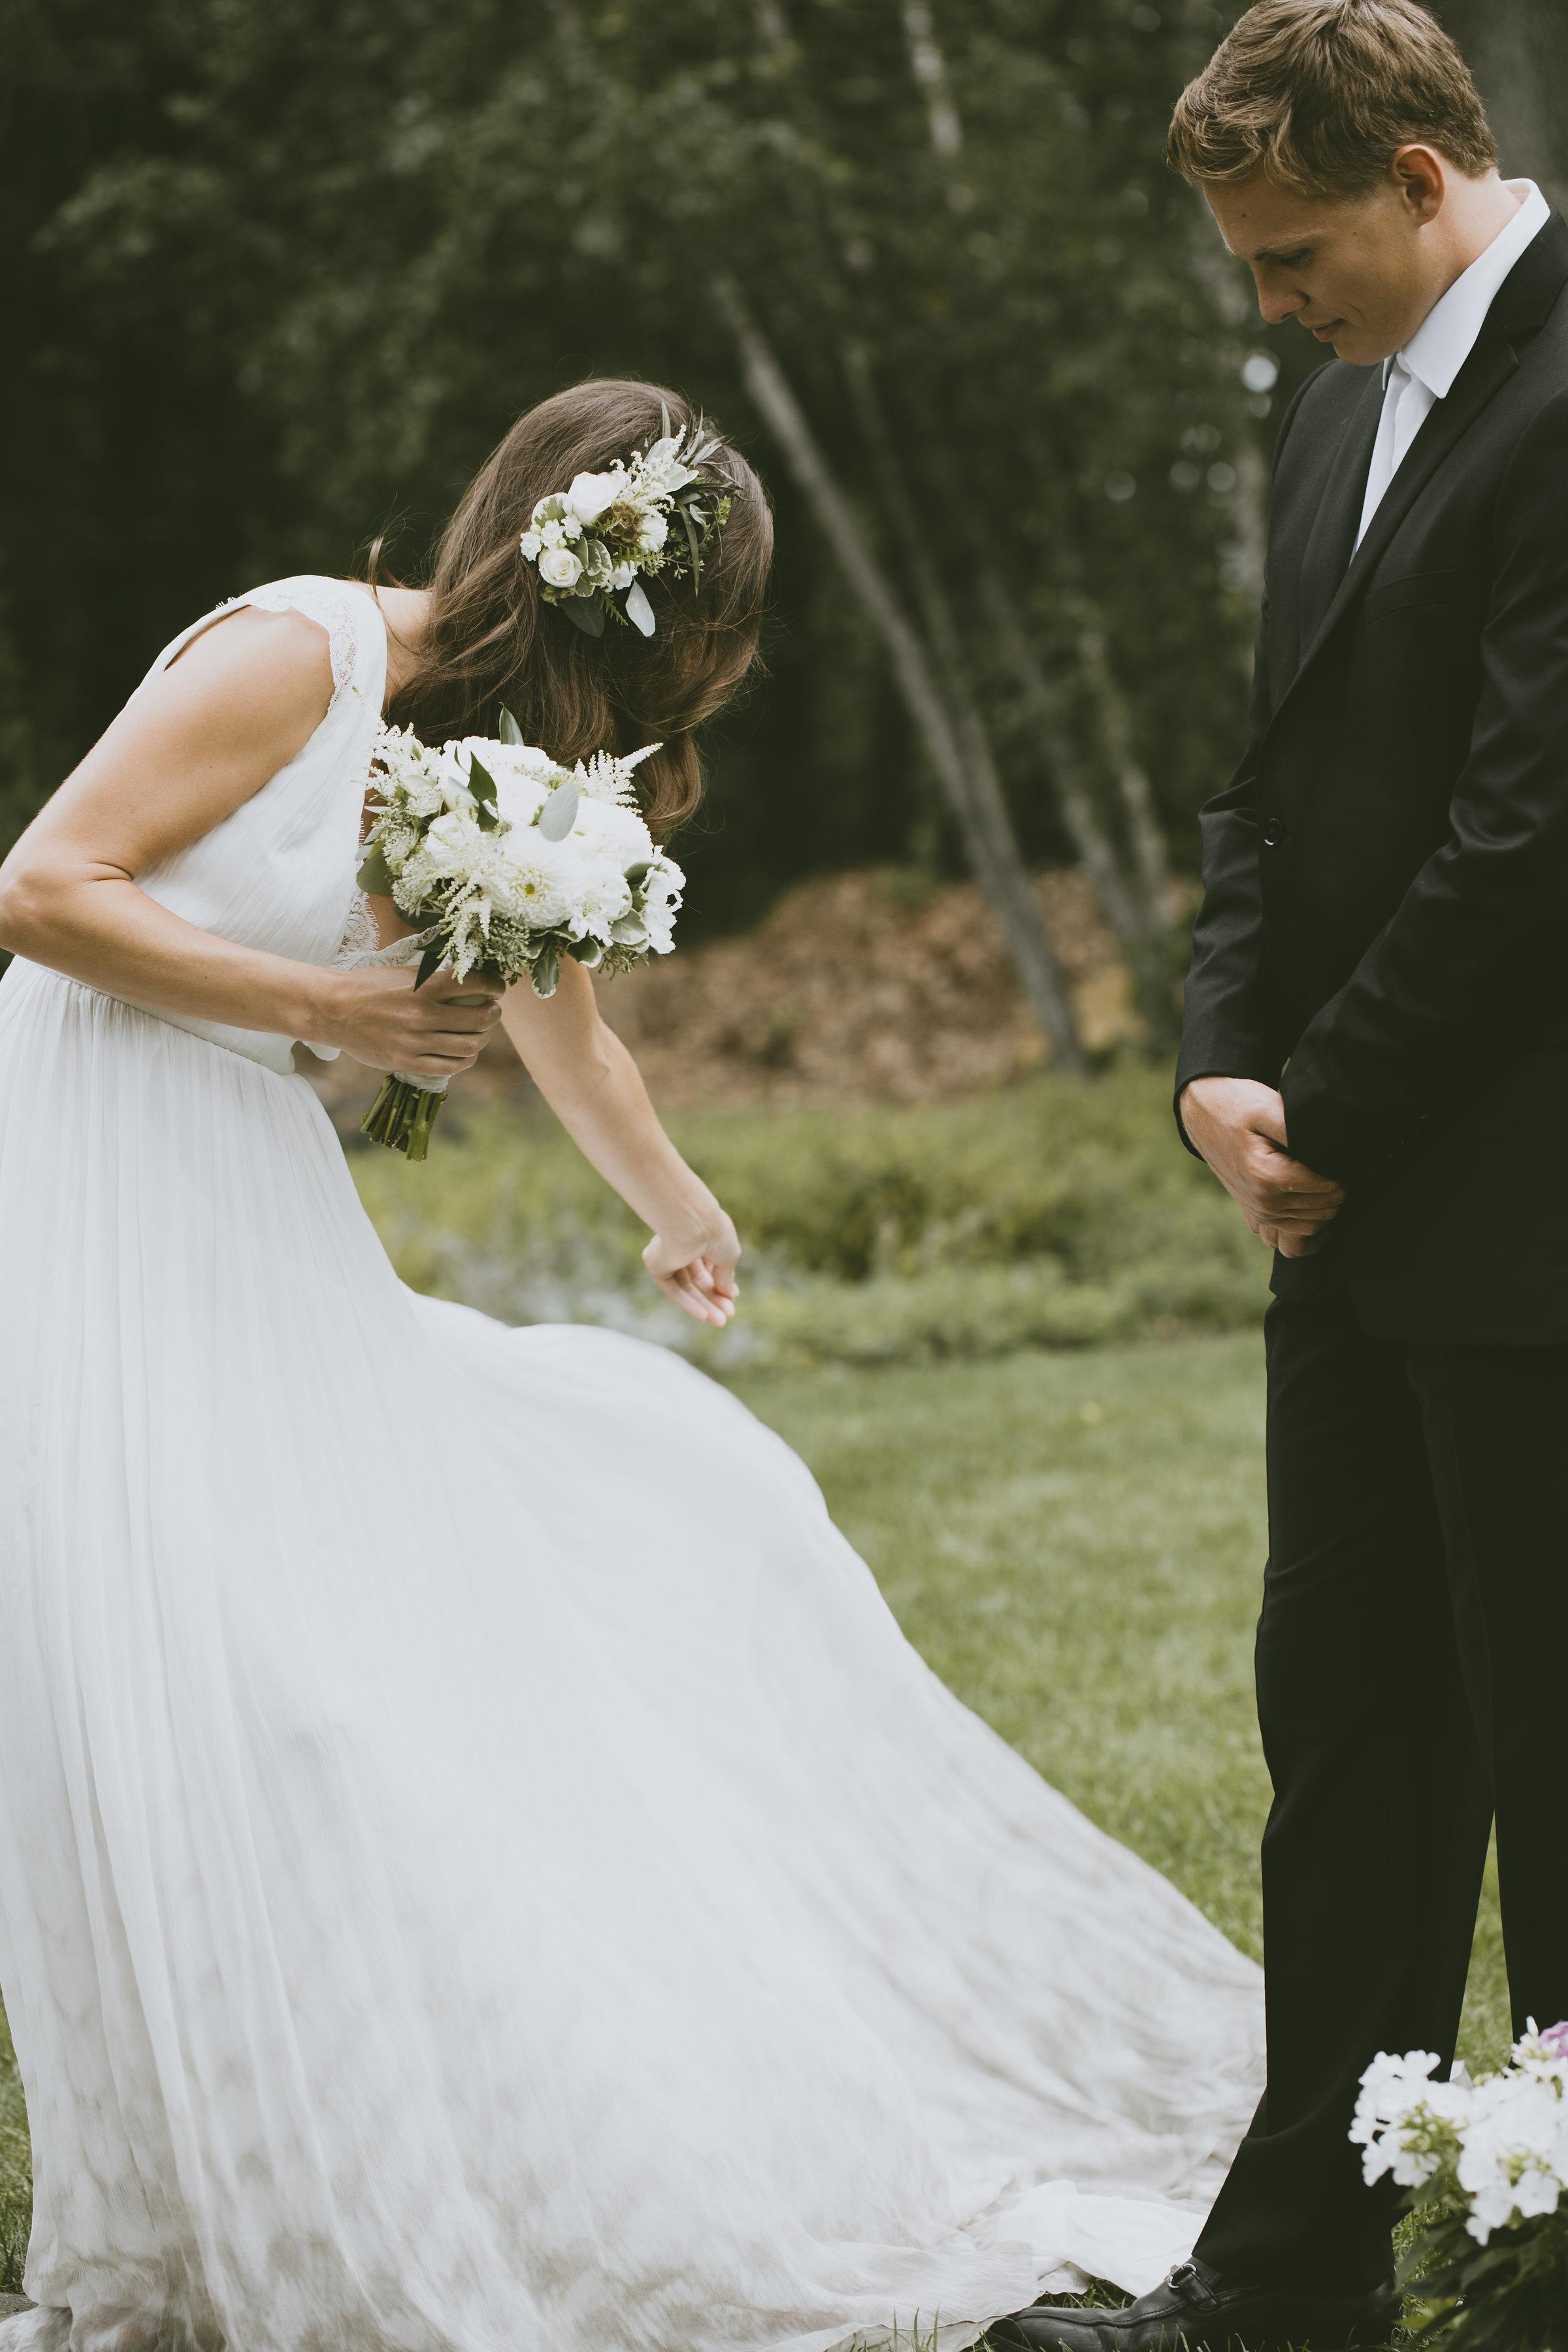 170807_Robinson_BoHoStyled_Wedding_558